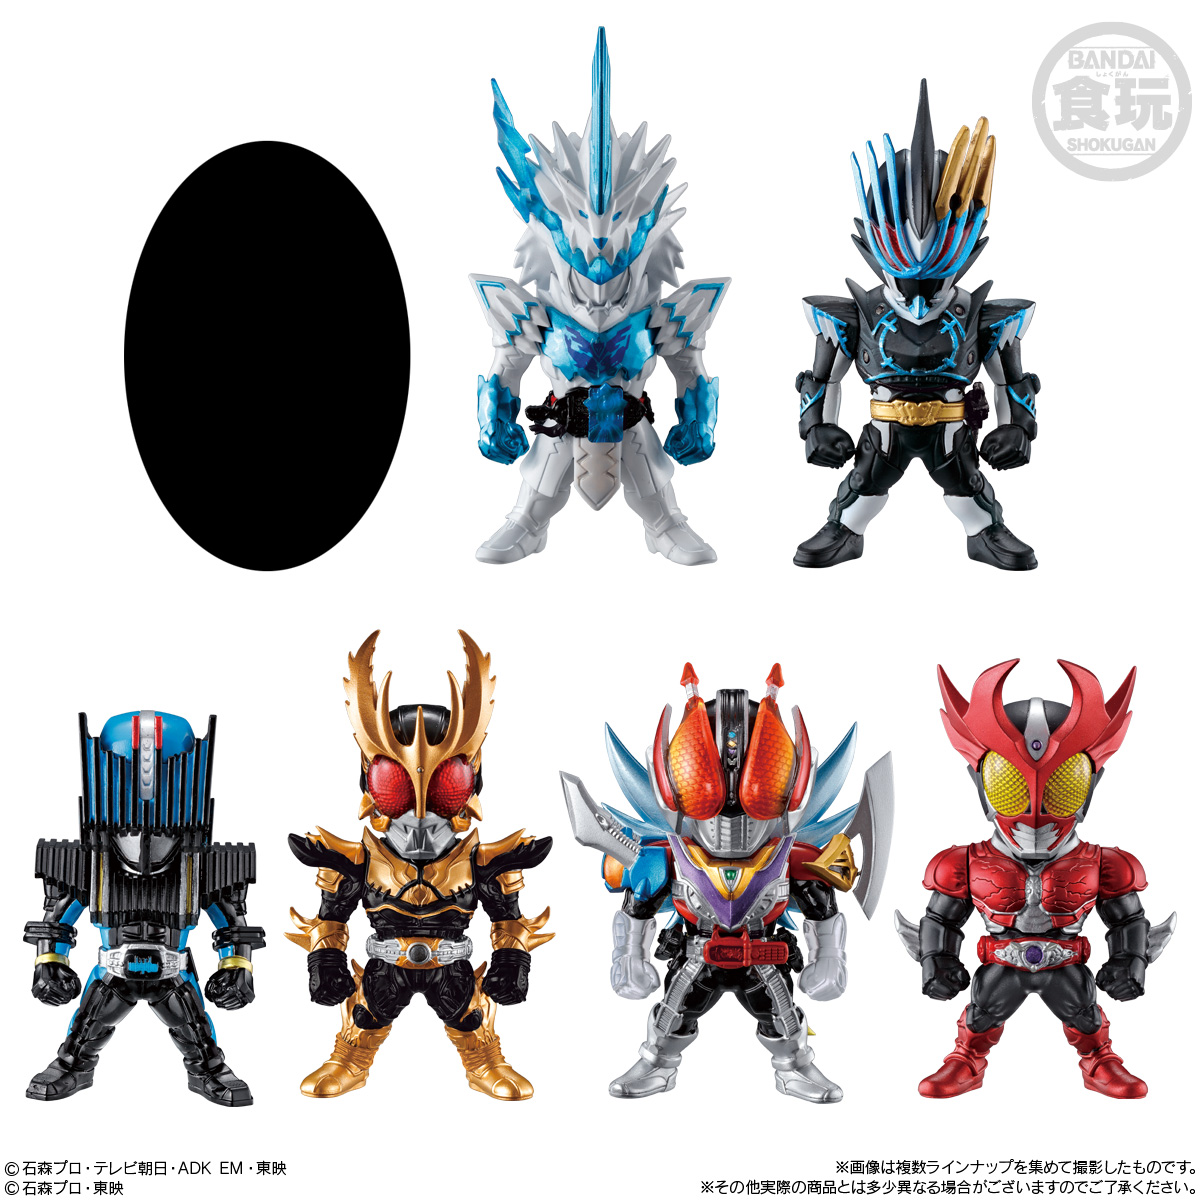 【食玩】コンバージ仮面ライダー『CONVERGE KAMEN RIDER 22』10個入りBOX-008